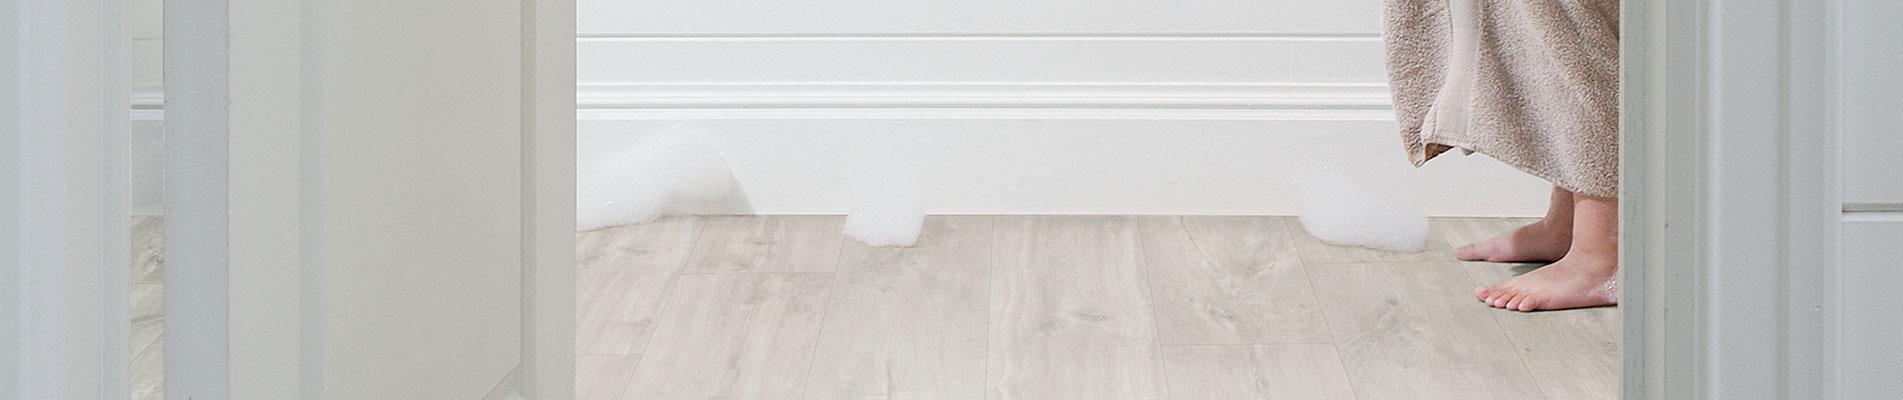 Waterbestendige vloeren